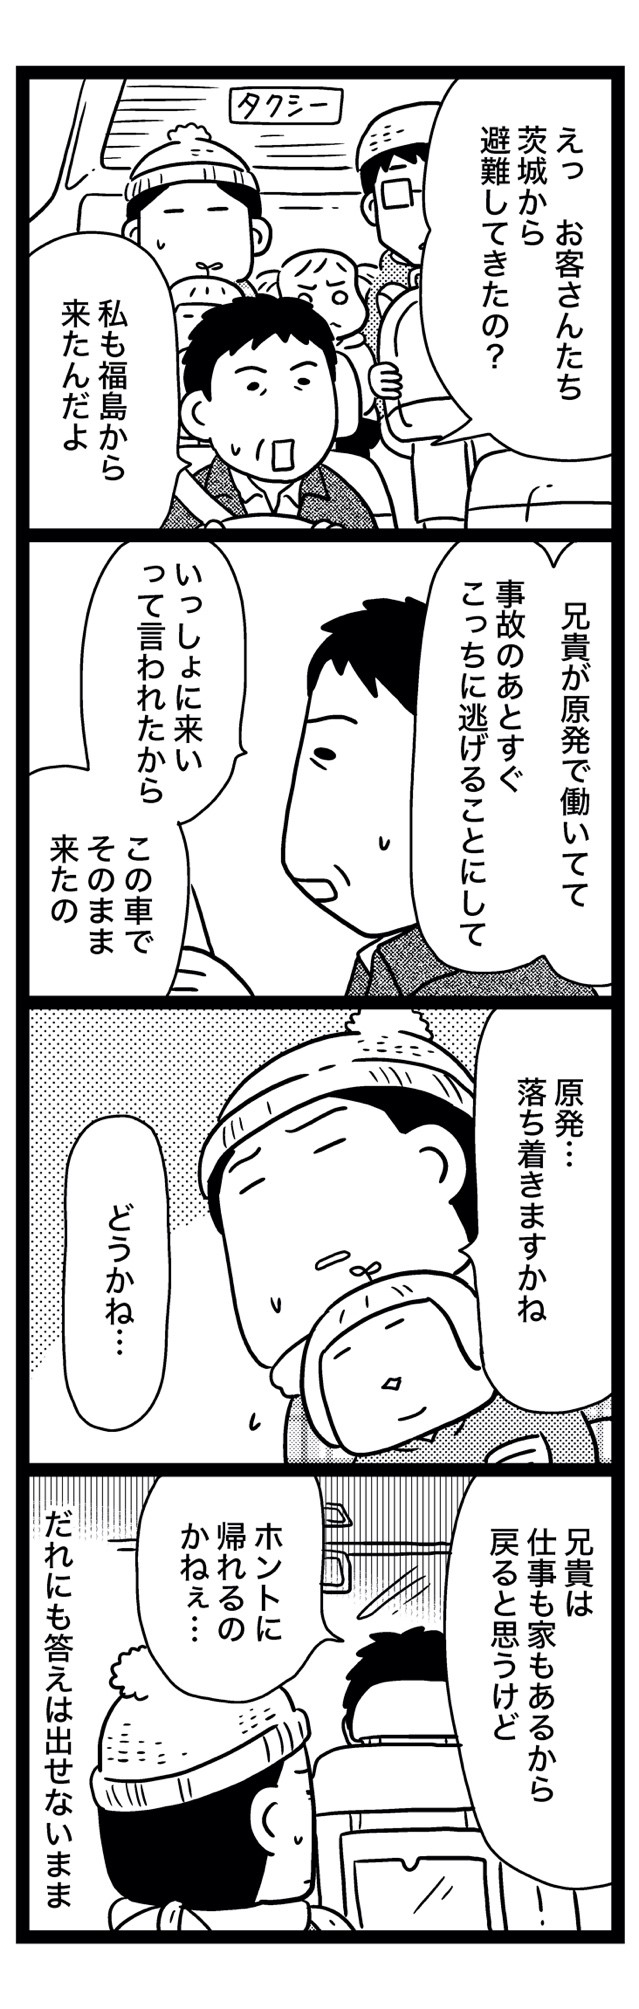 sinsai6-2